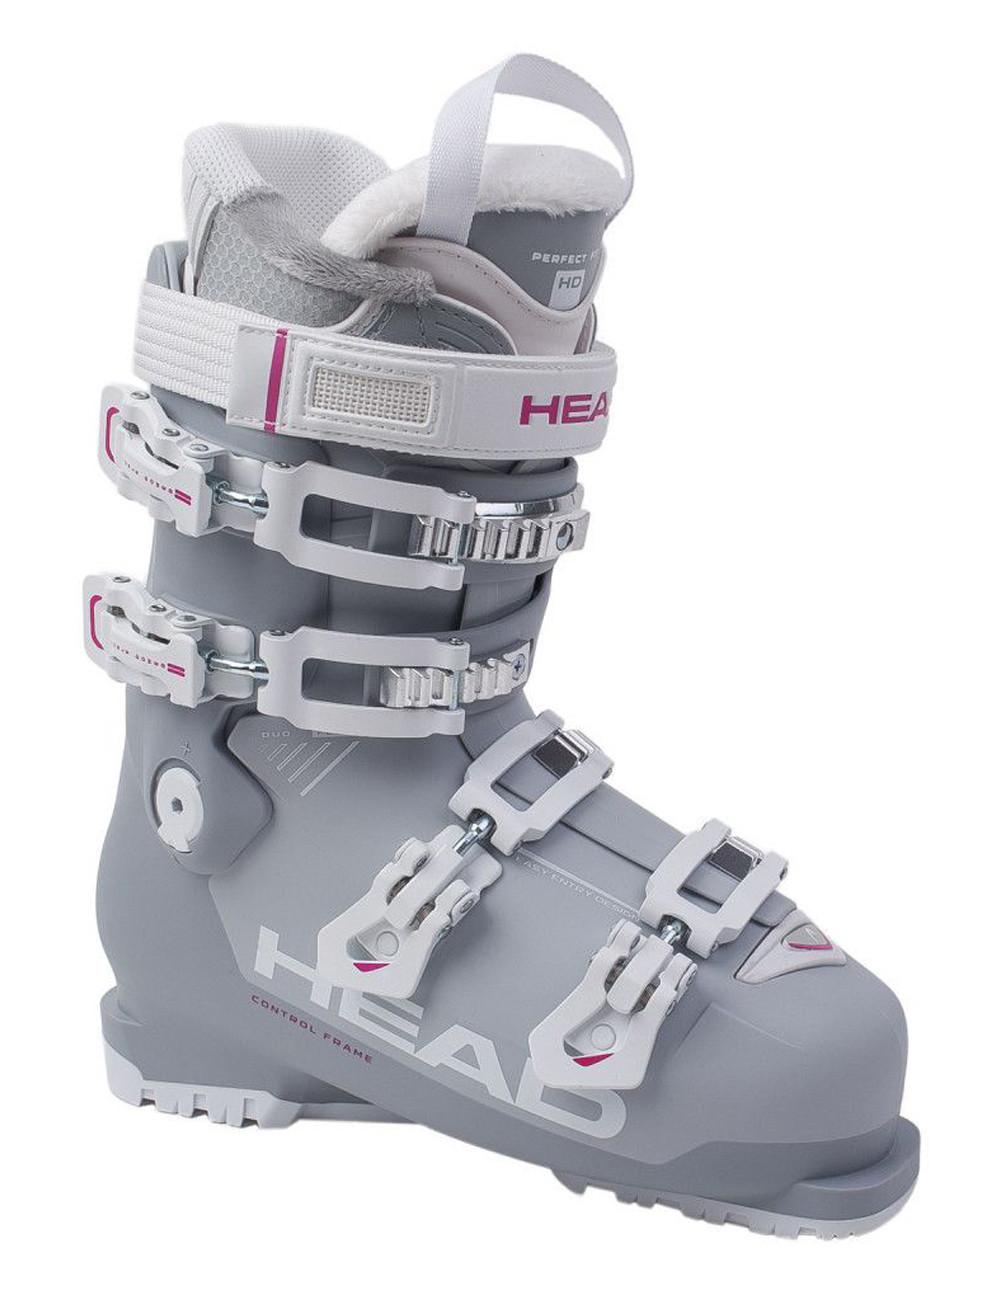 Buty narciarskie Head Advant Edge 85 X W